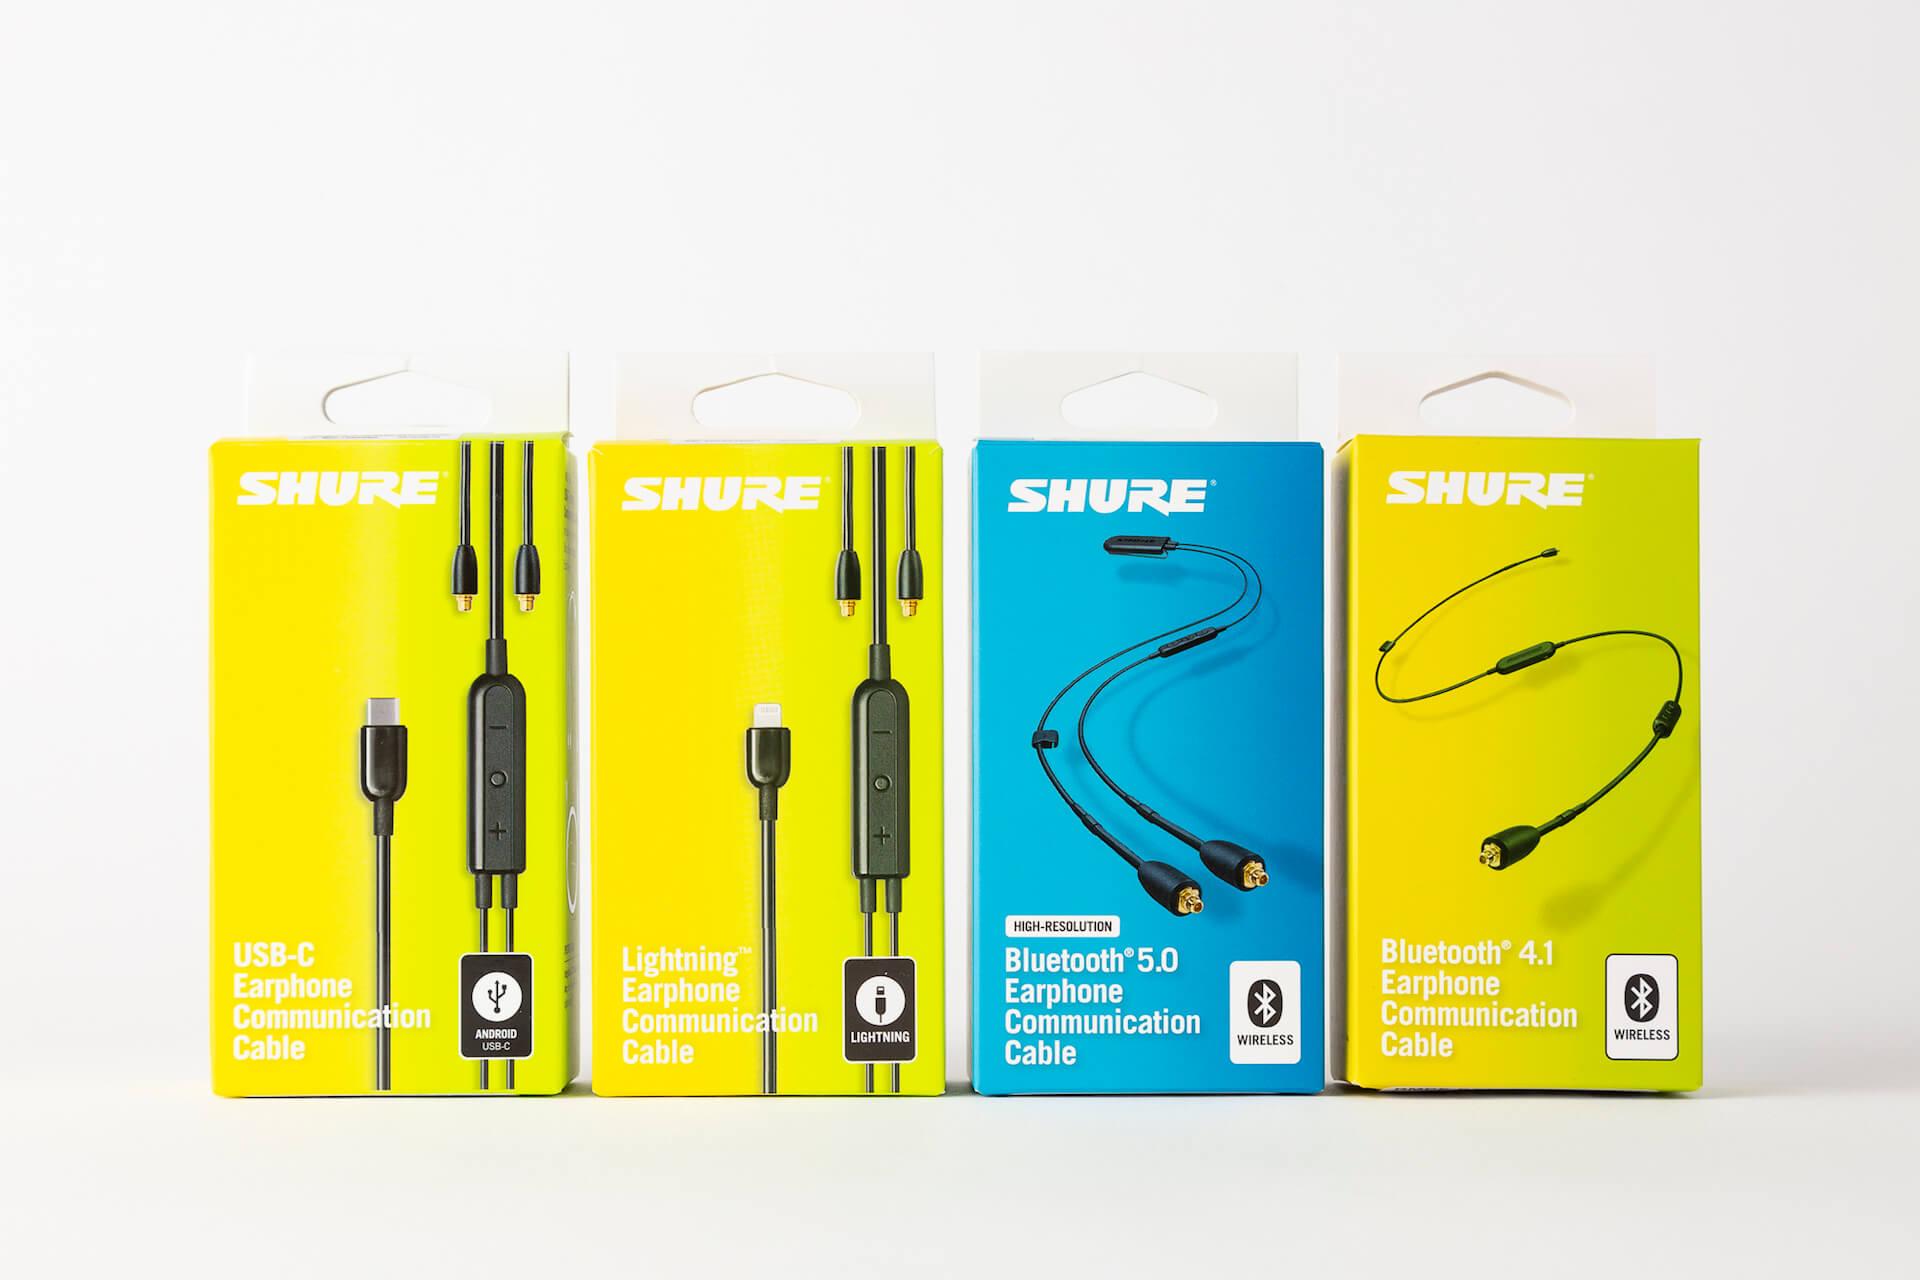 「SHURE」というメーカーの飽くなき探求|その高い製品パフォーマンスの秘密とは technology190308-shure-13